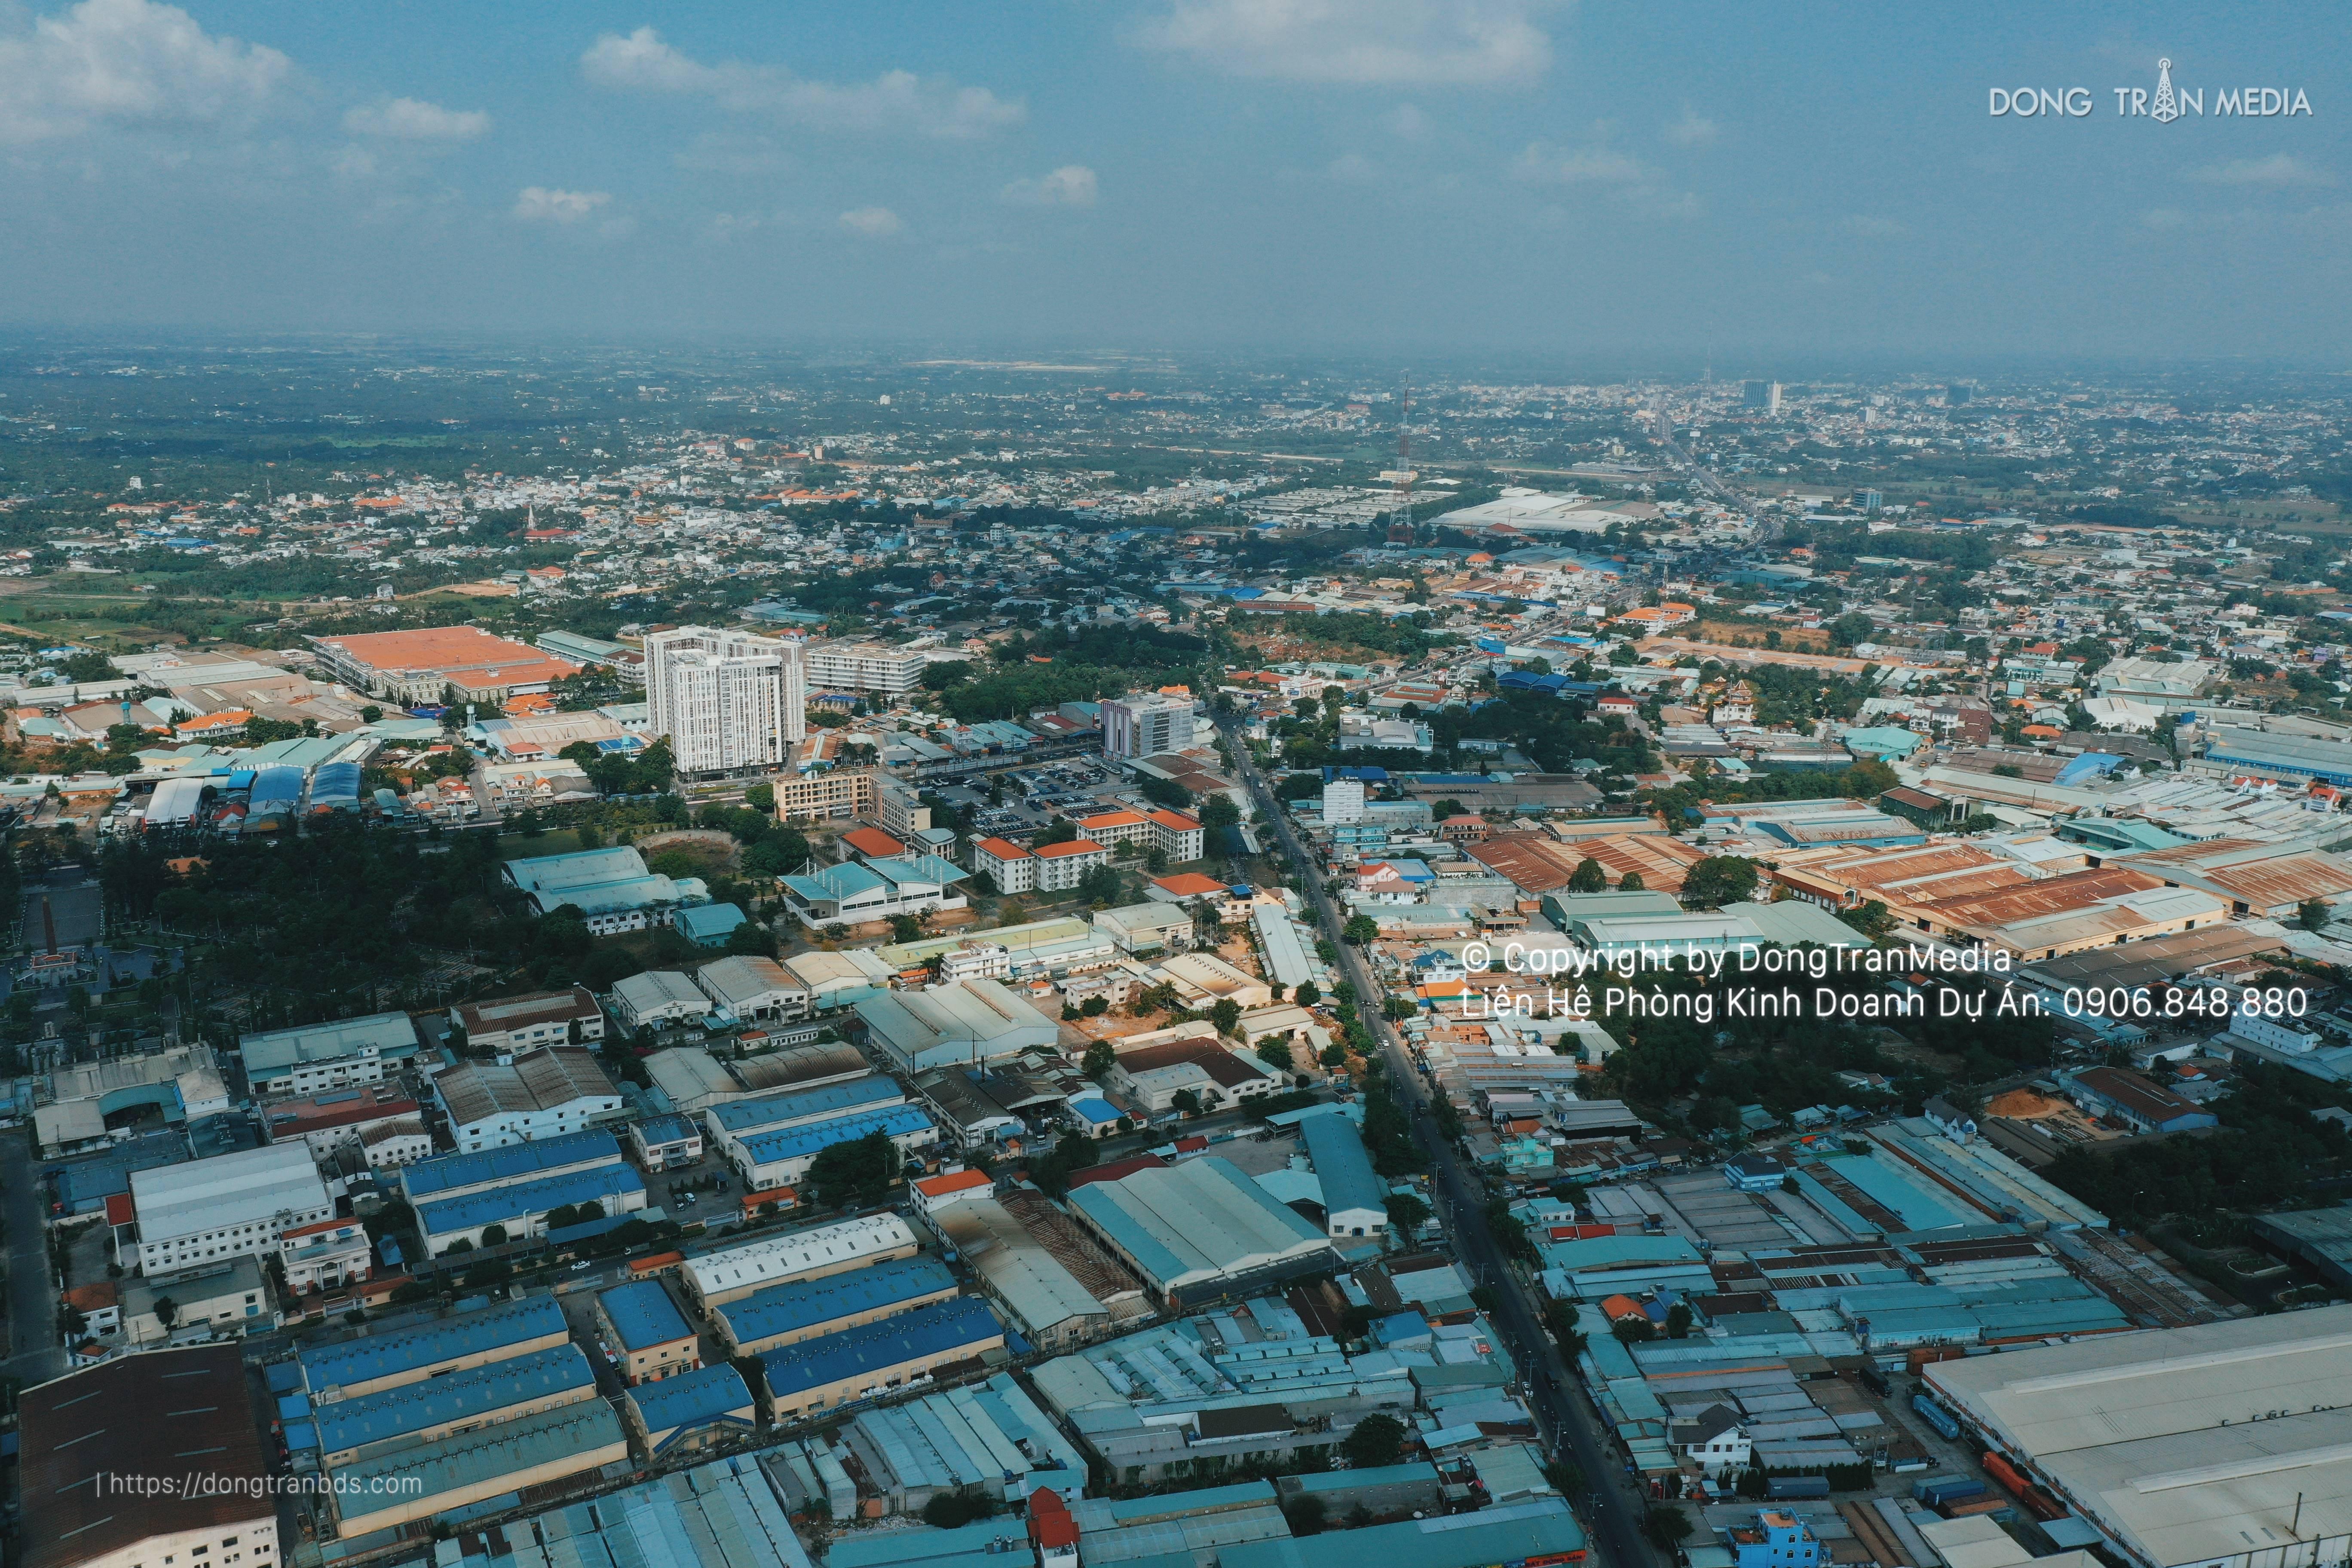 Du an Loc Phat Residence